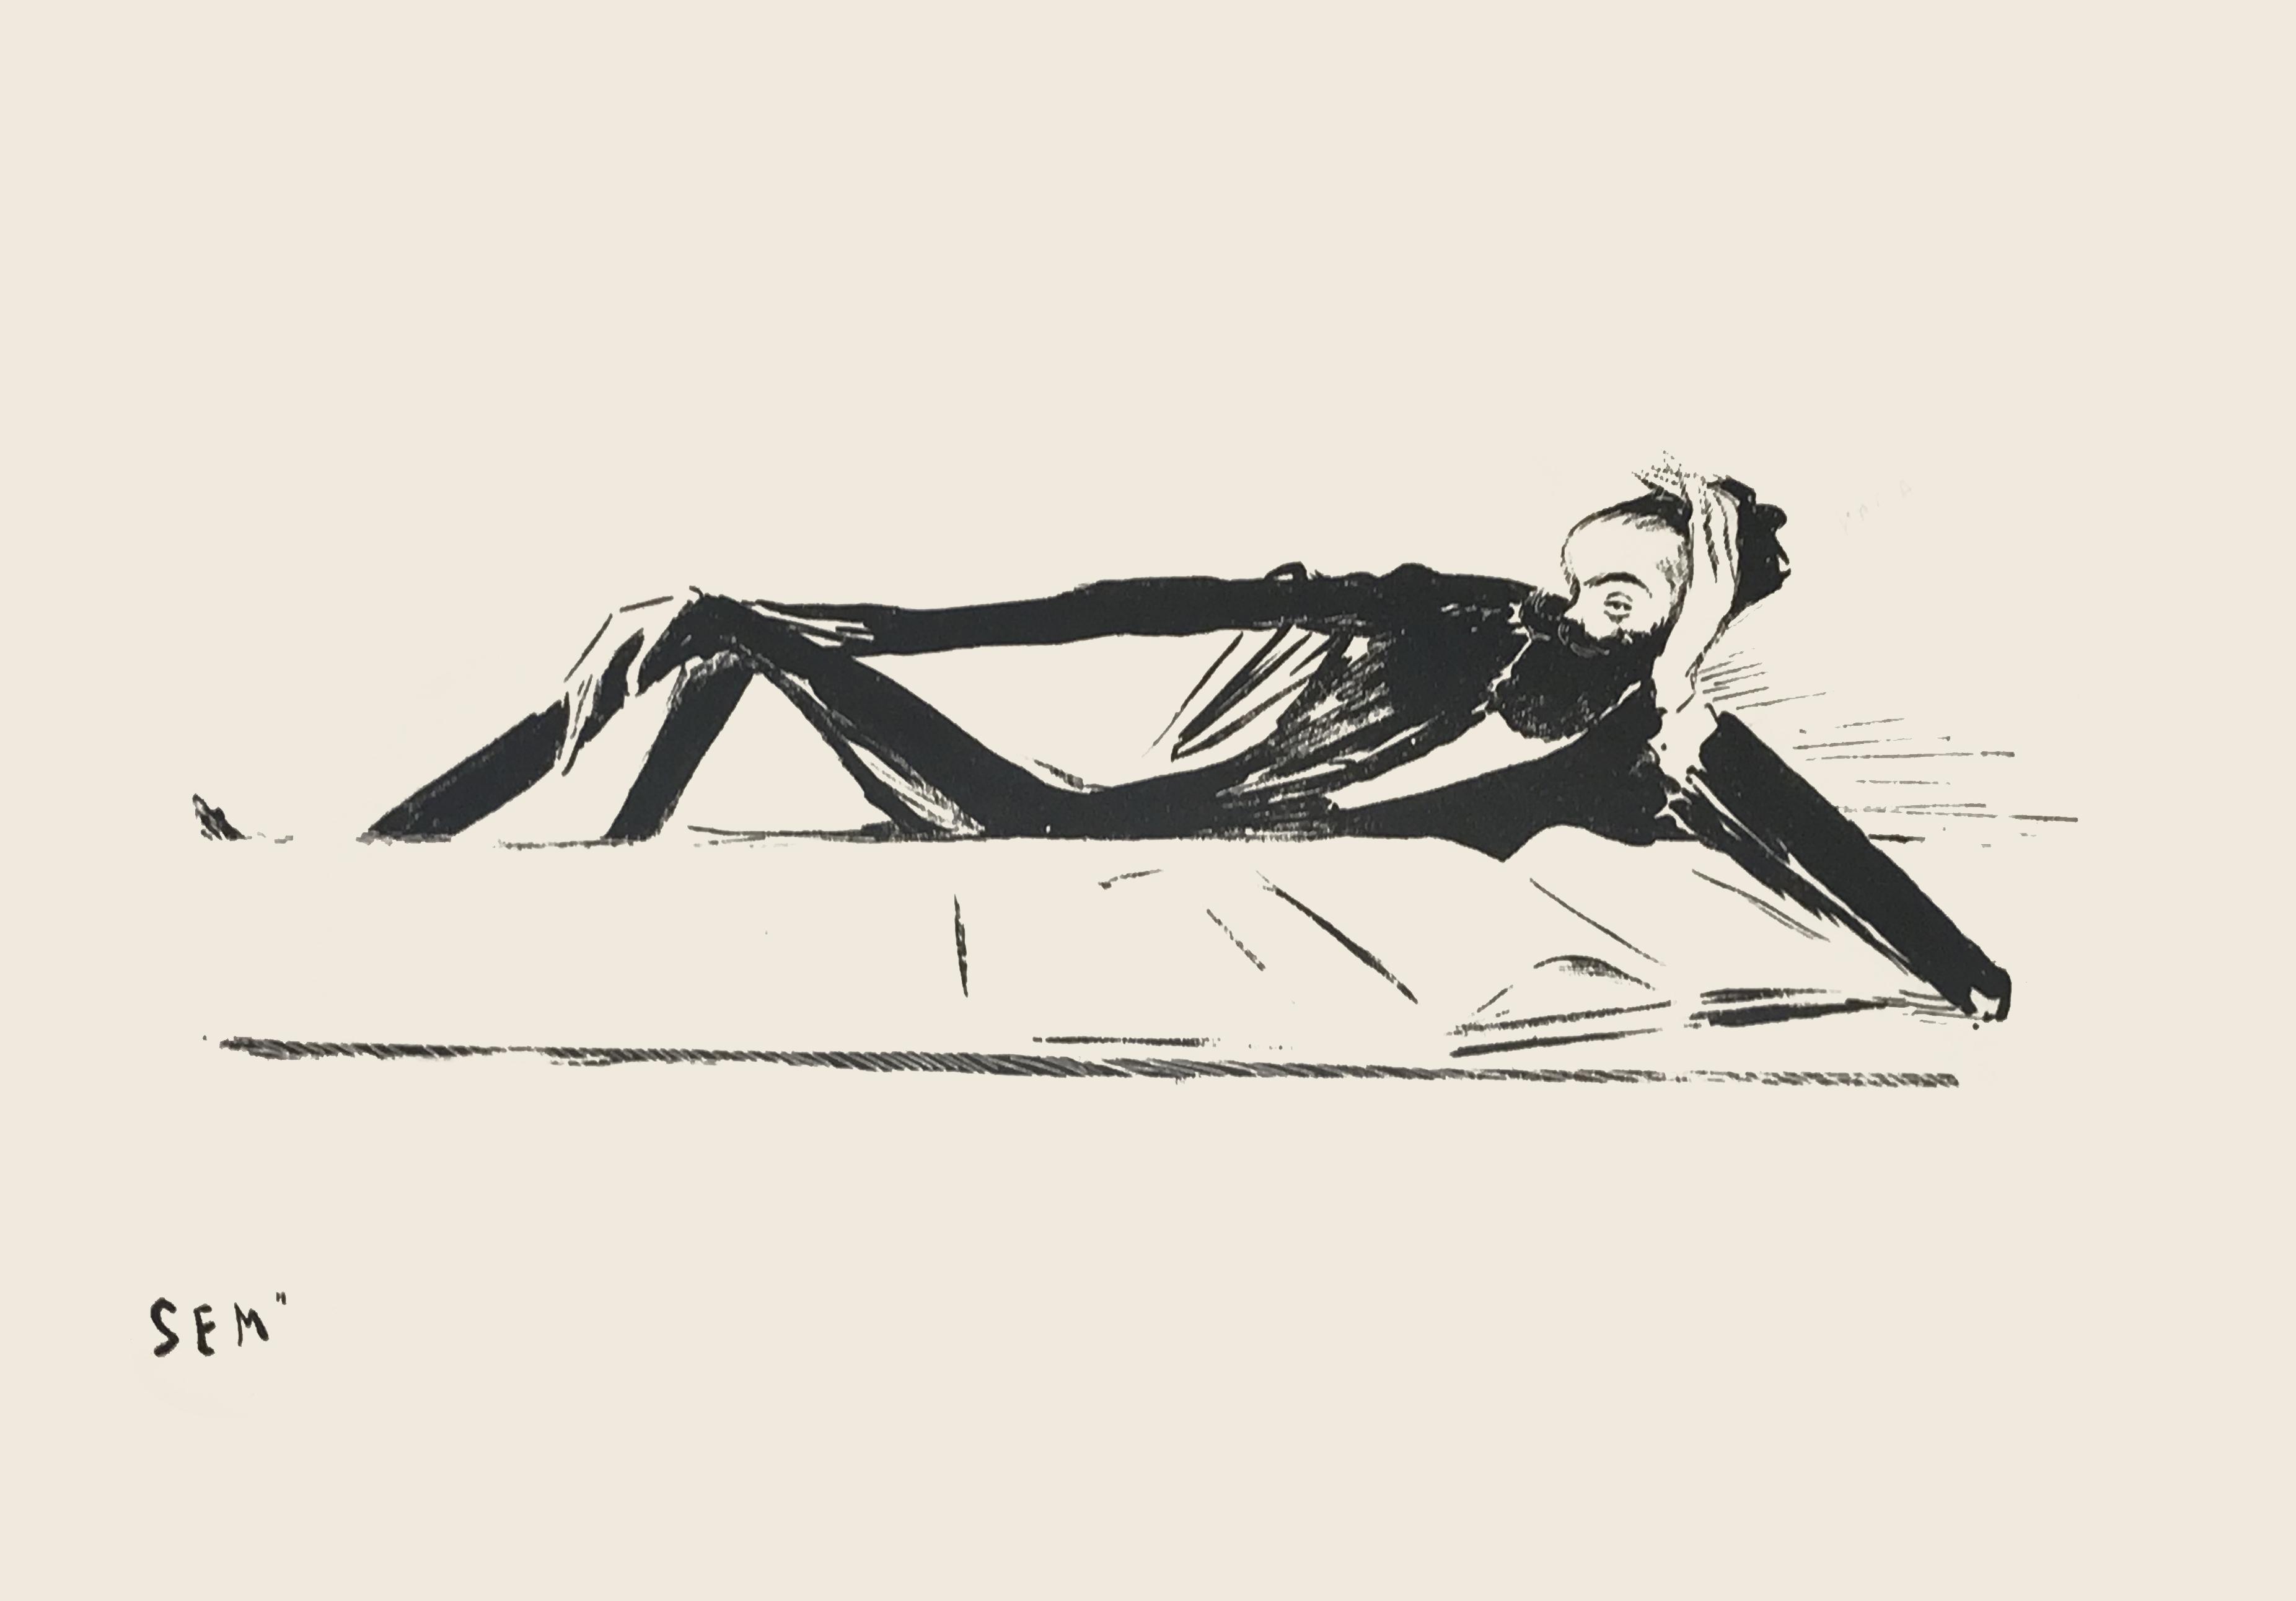 Sem Goursat Album 6 - Planche n.17